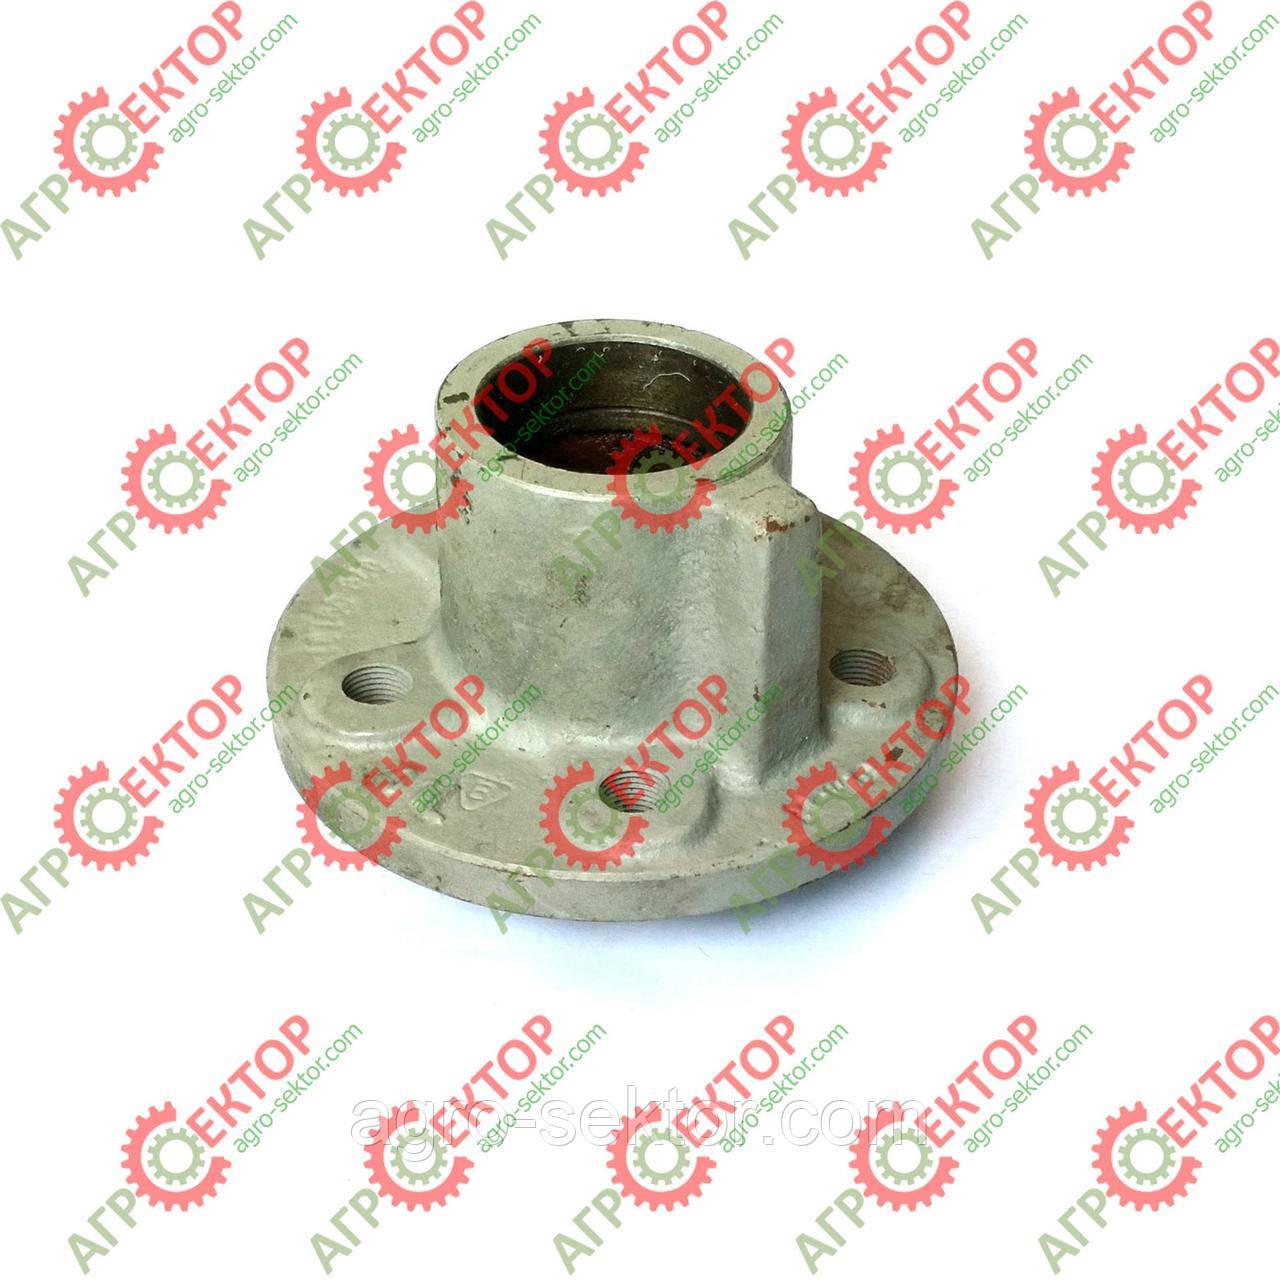 Ступиця колеса опорного ліва на прес-підбирач Sipma Z-224 2023-020-001.01